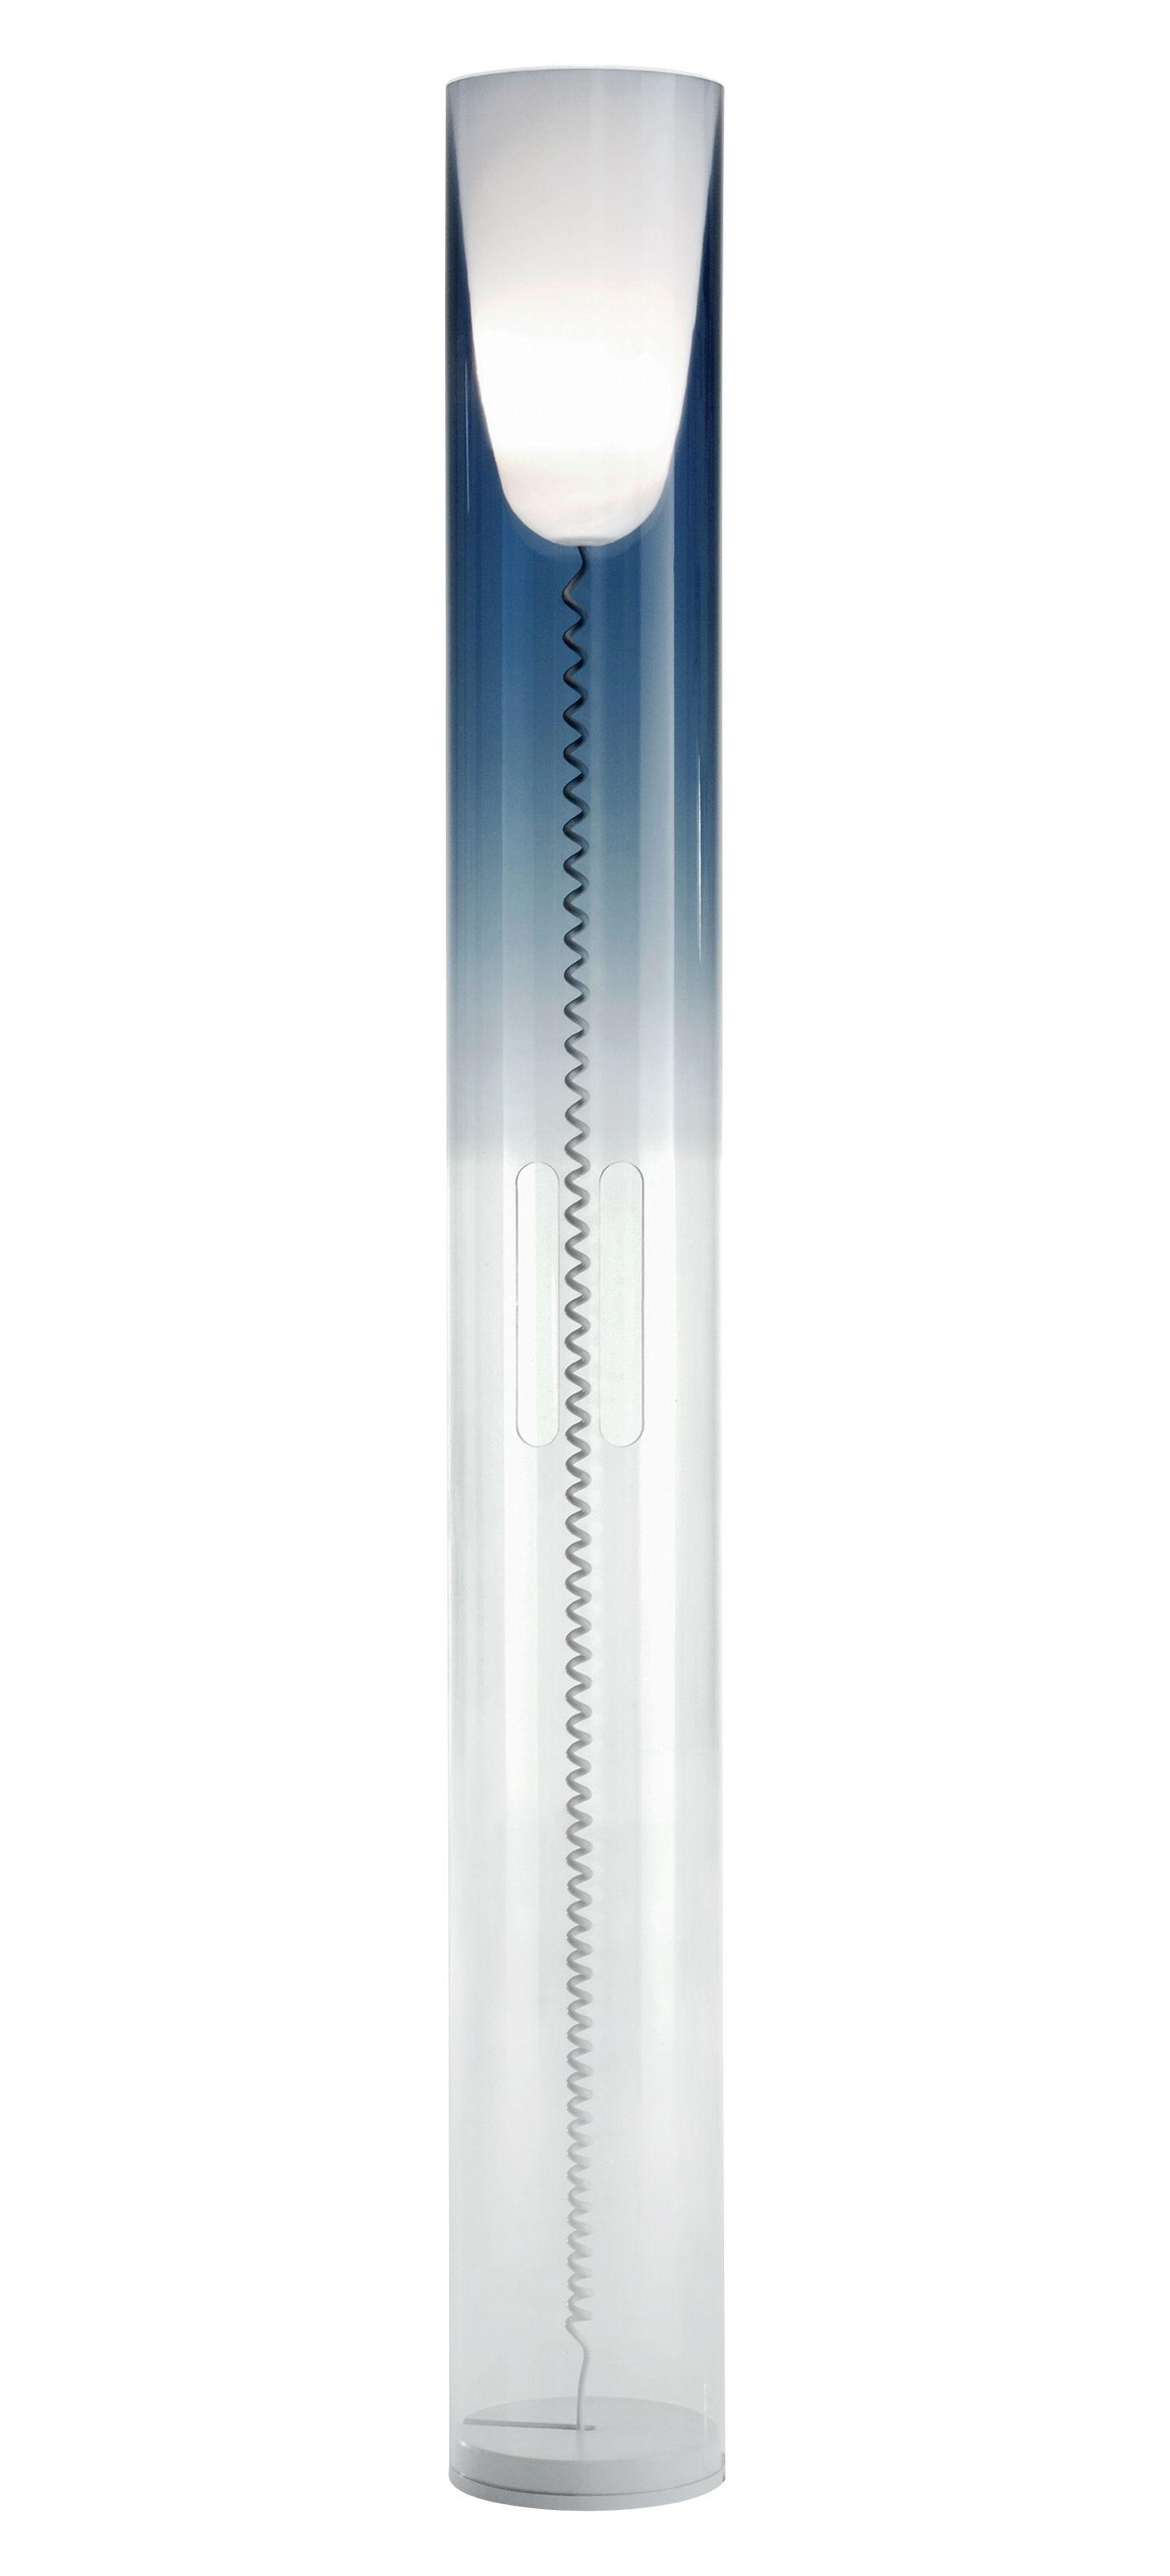 Leuchten - Stehleuchten - Toobe Stehleuchte - Kartell - Himmelblau - PMMA, Polykarbonat